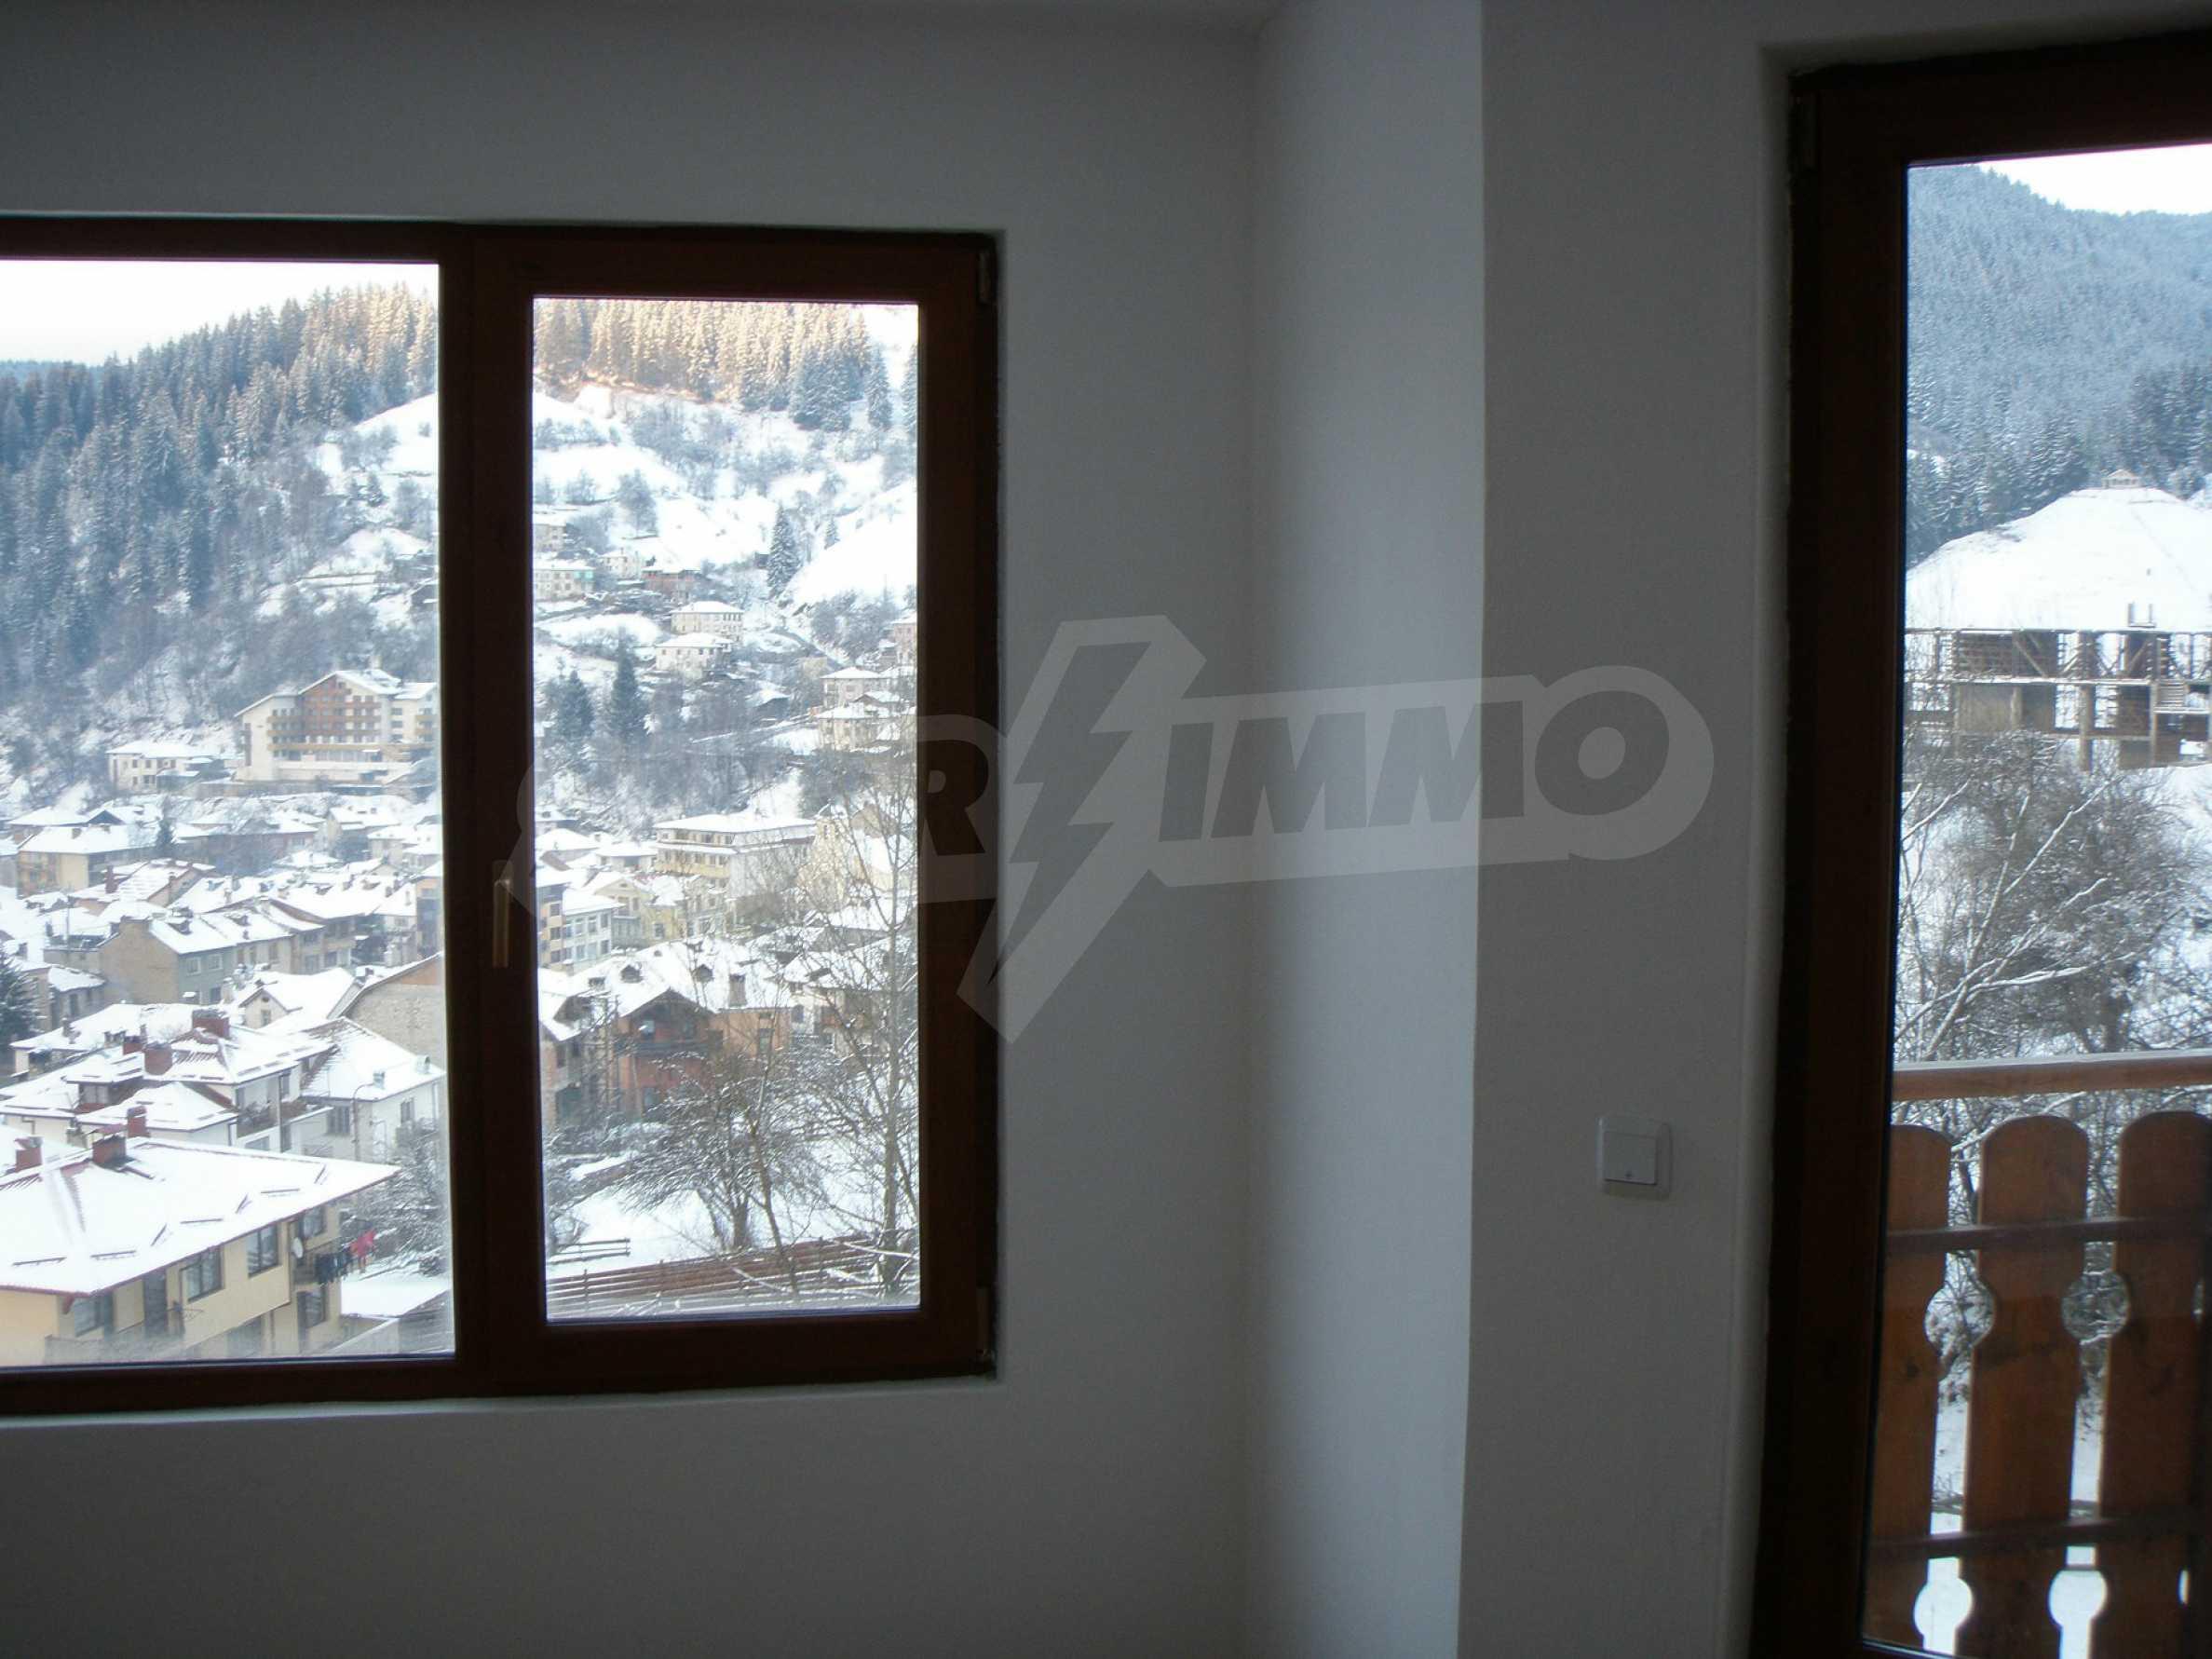 Ваканционни апартаменти без такса поддръжка, на 5 мин от ски писта в Чепеларе 16